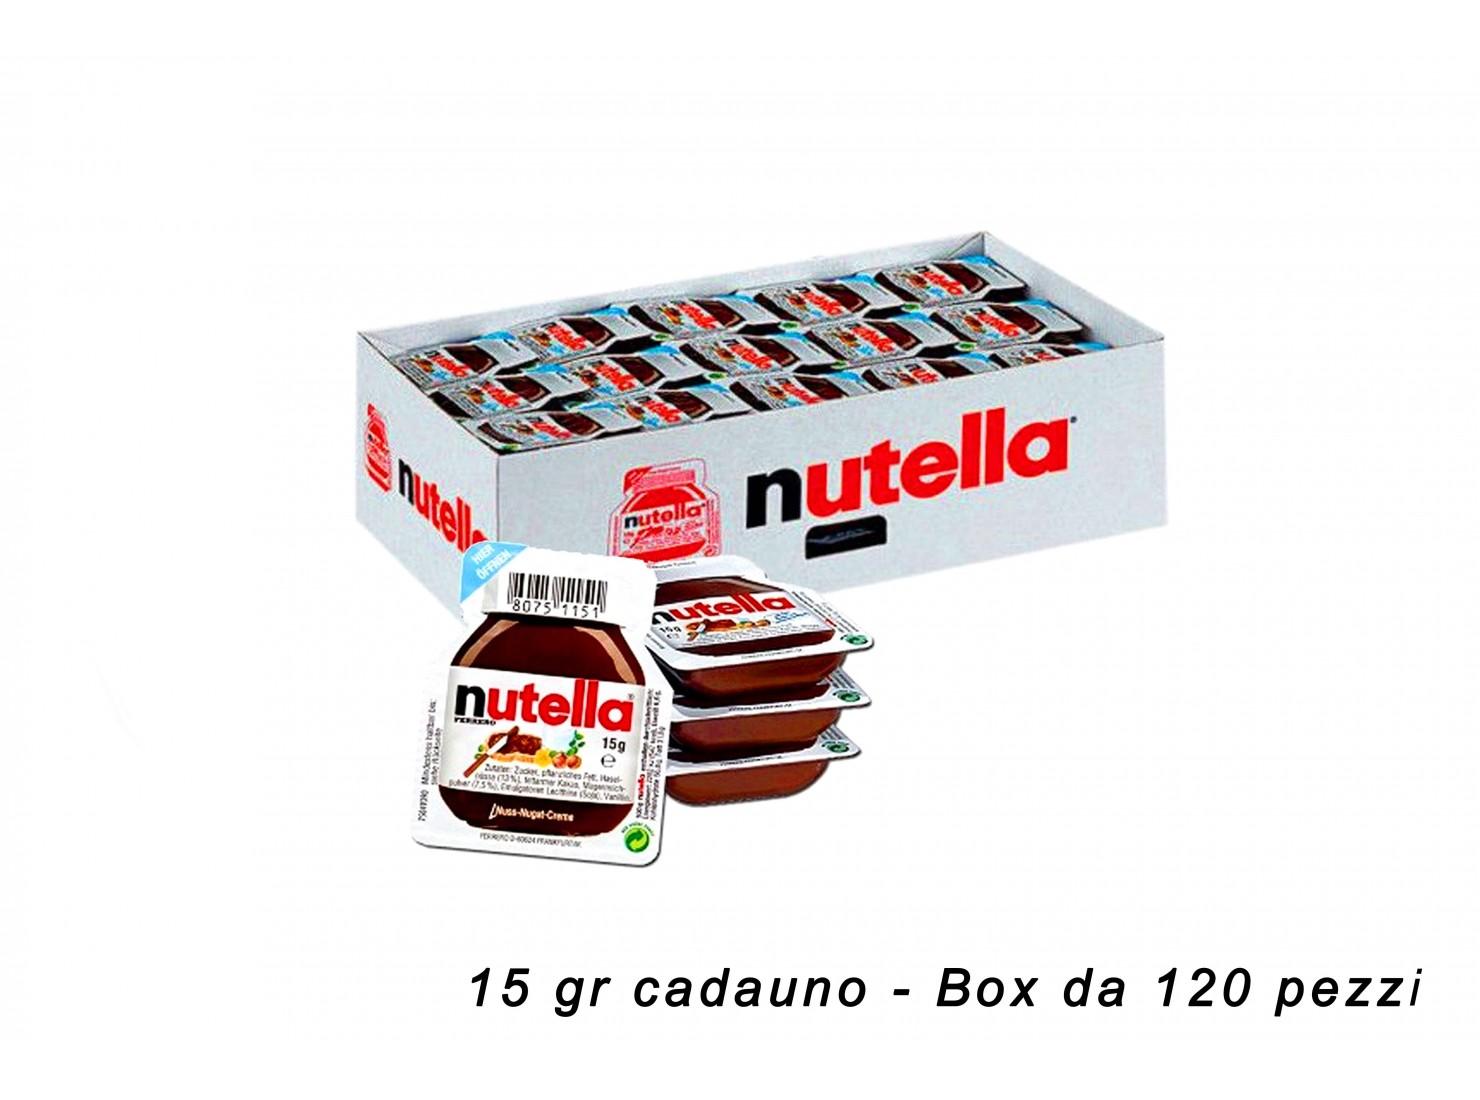 NUTELLA MONOPORZIONE 15 GR